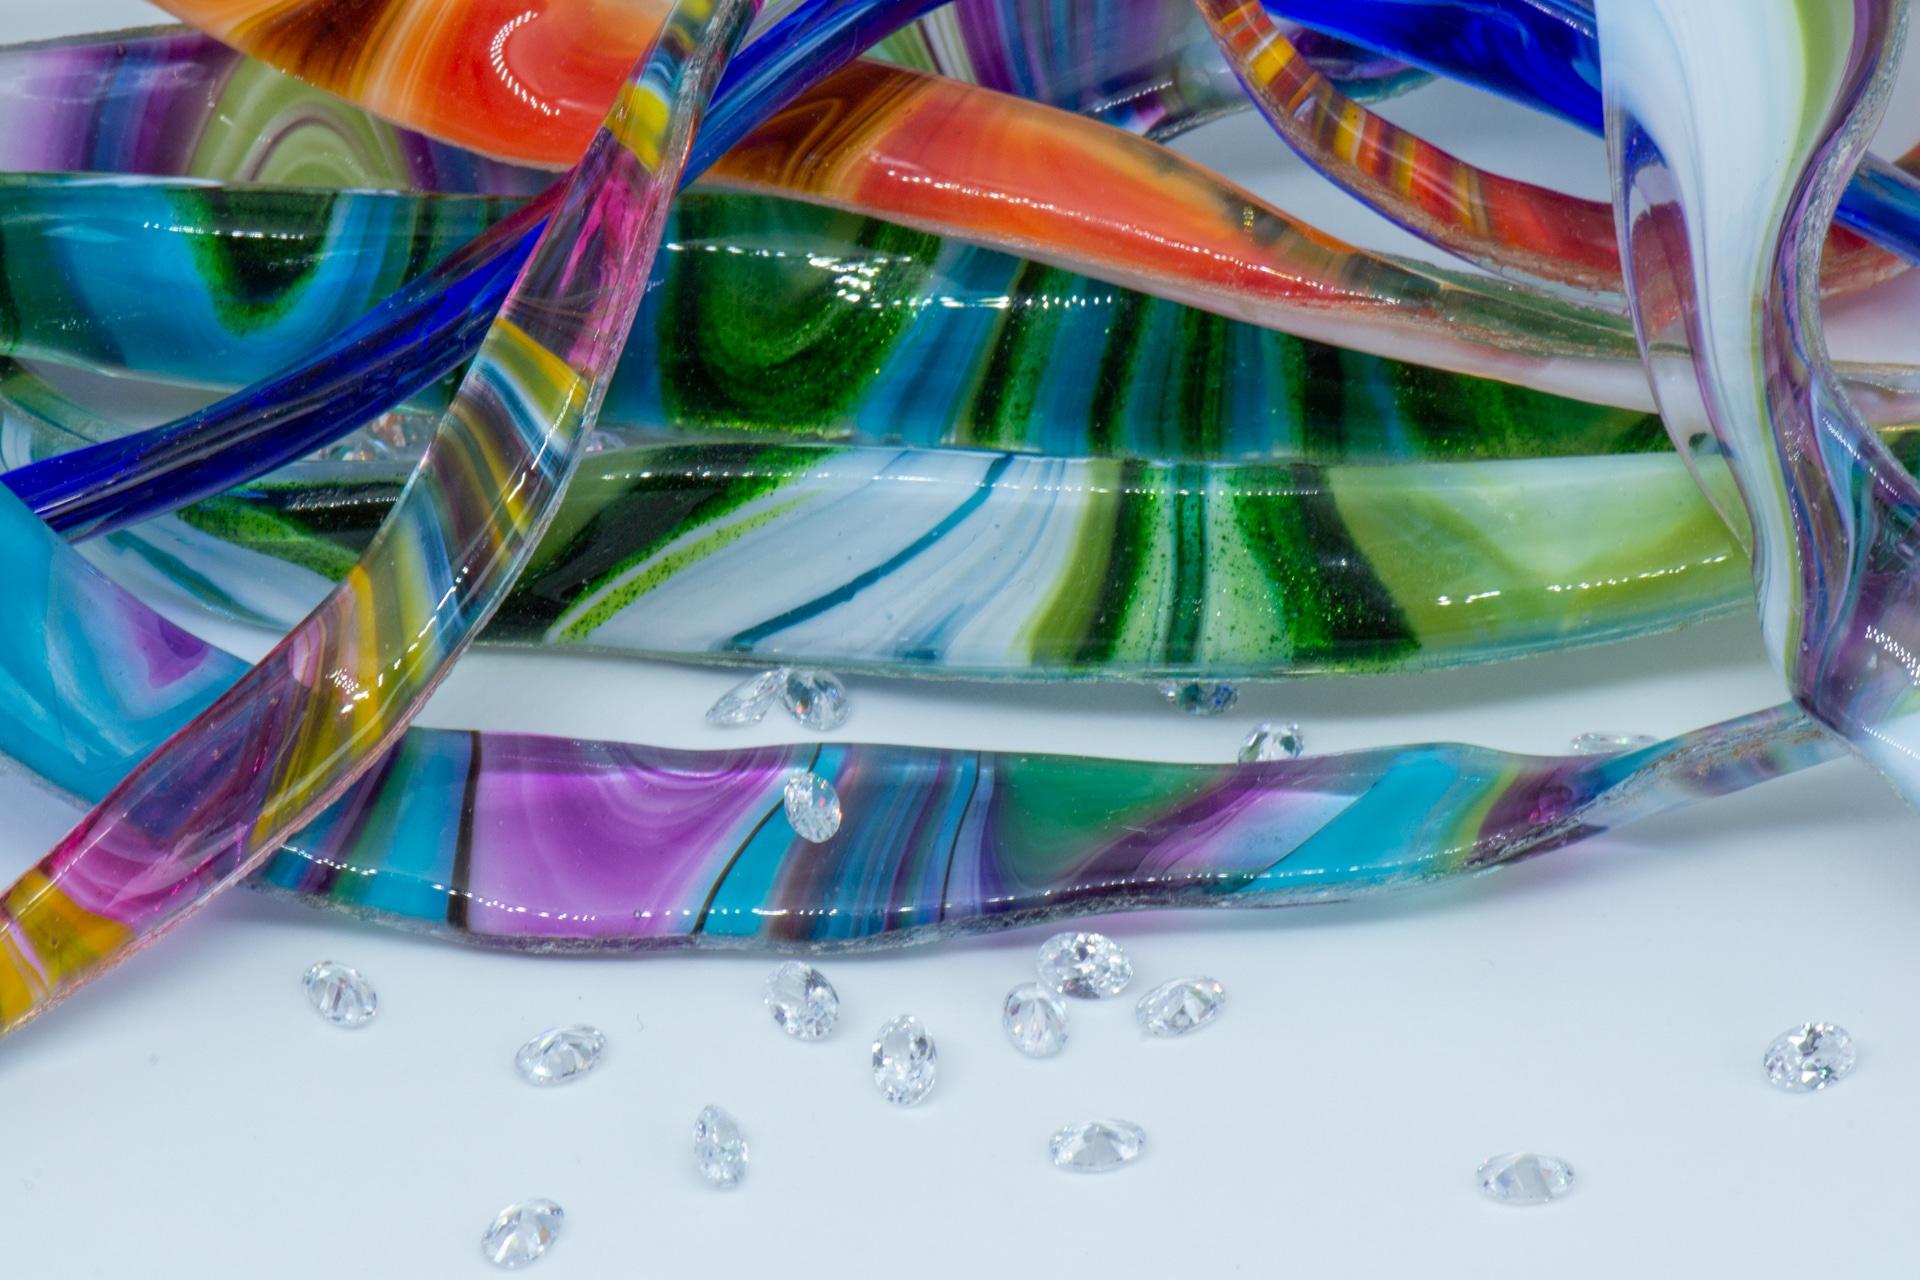 Shards of Maltese glass